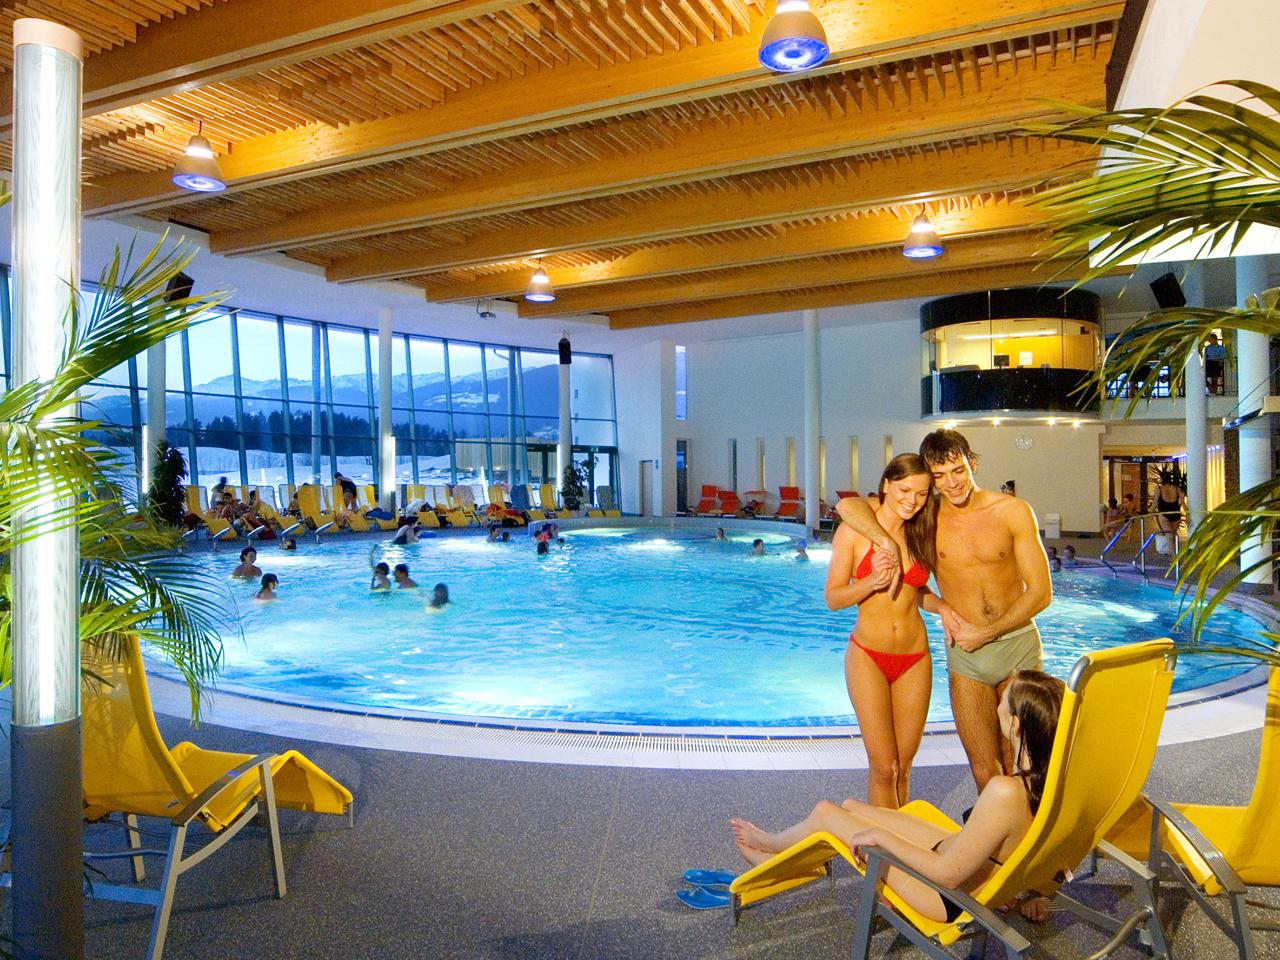 Benessere in alto adige vacanze wellness e hotel in trentino alto adige - Hotel castelrotto con piscina ...